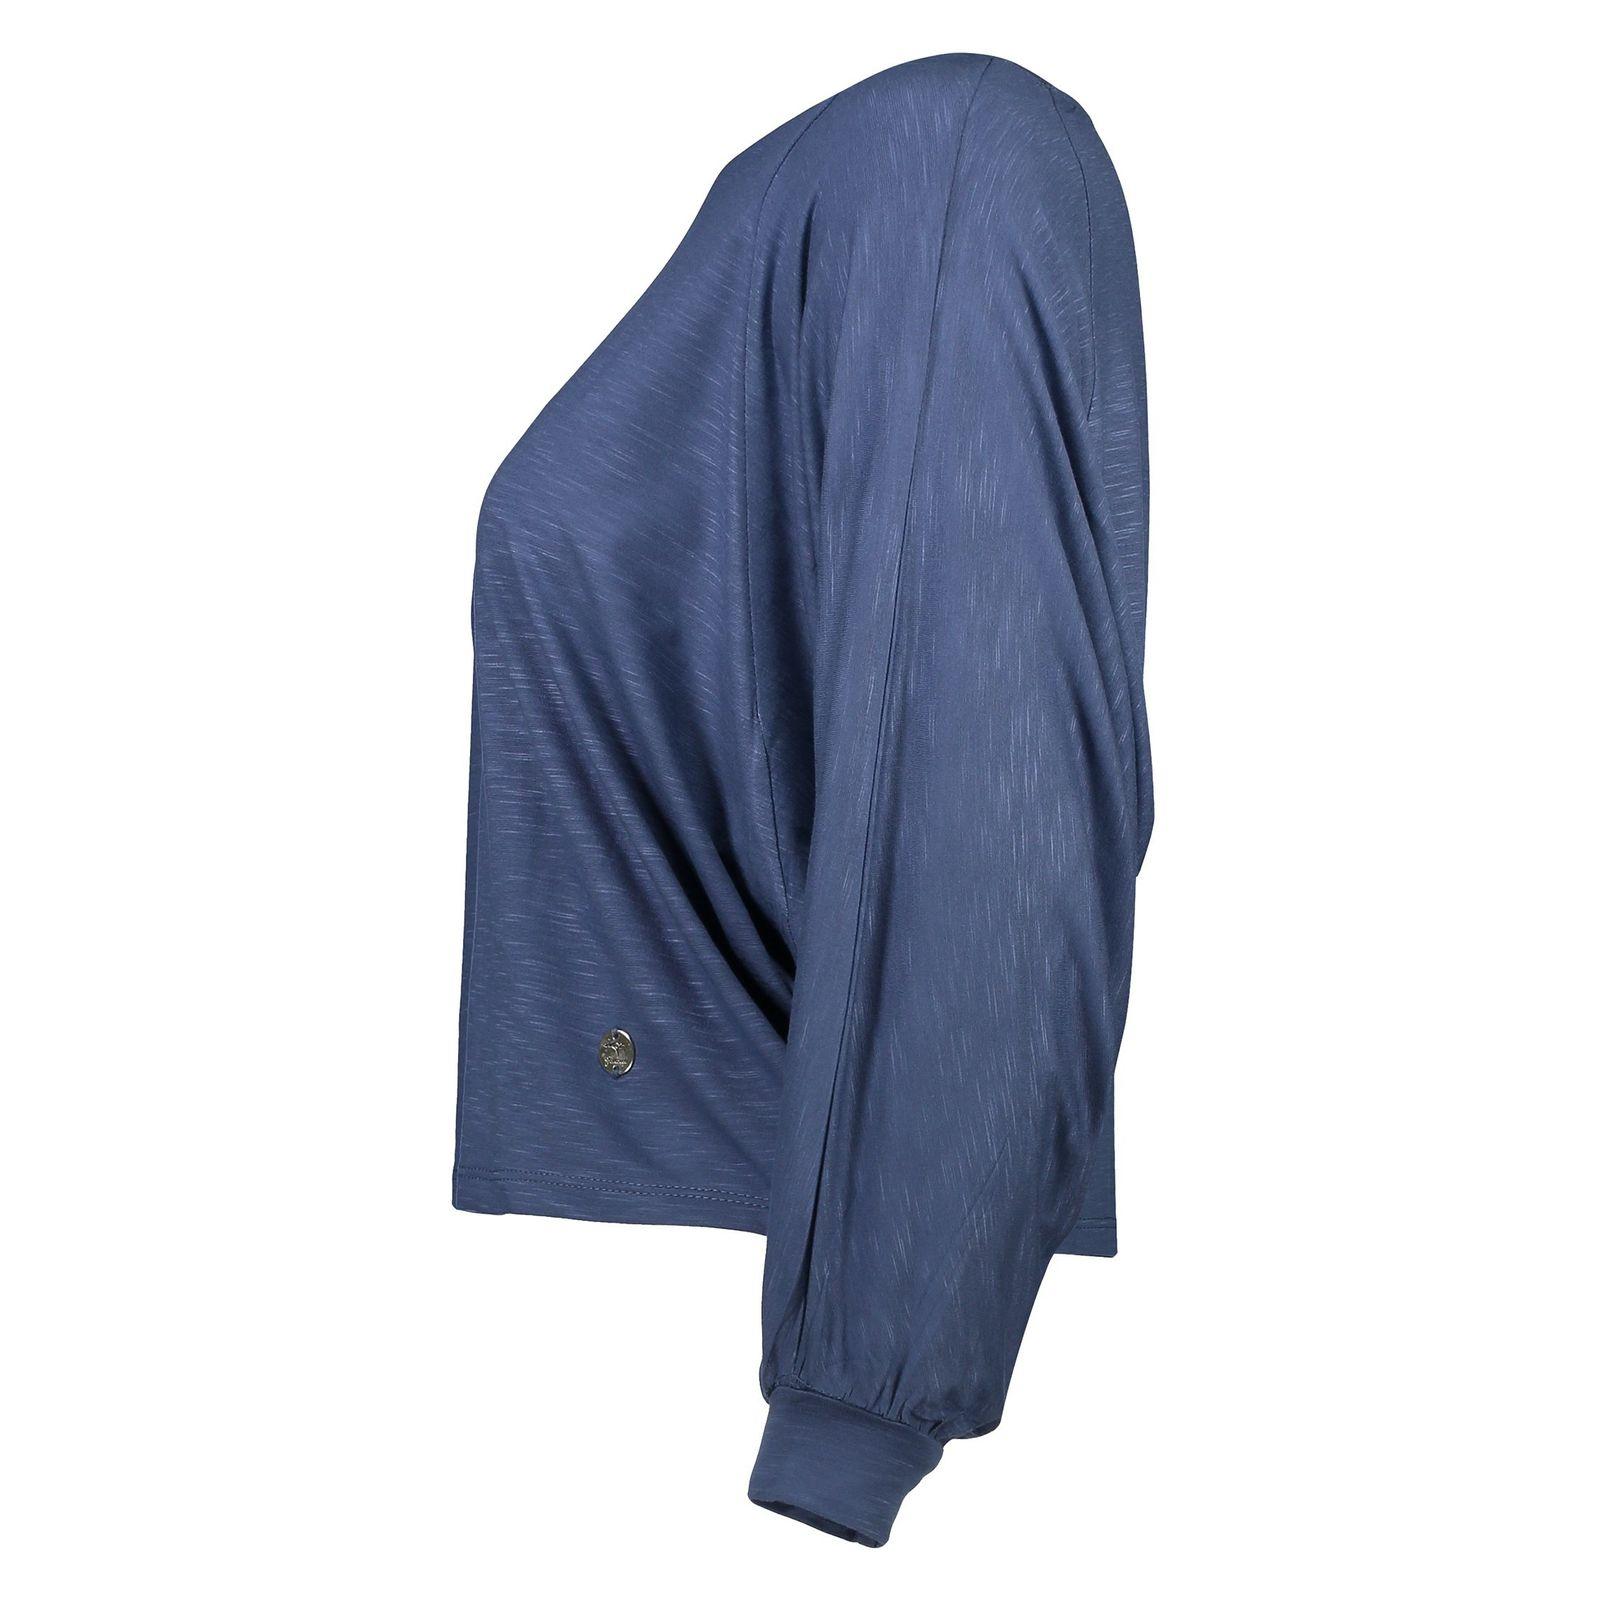 تی شرت ویسکوز آستین بلند زنانه - گارودی - آبي نفتي - 3